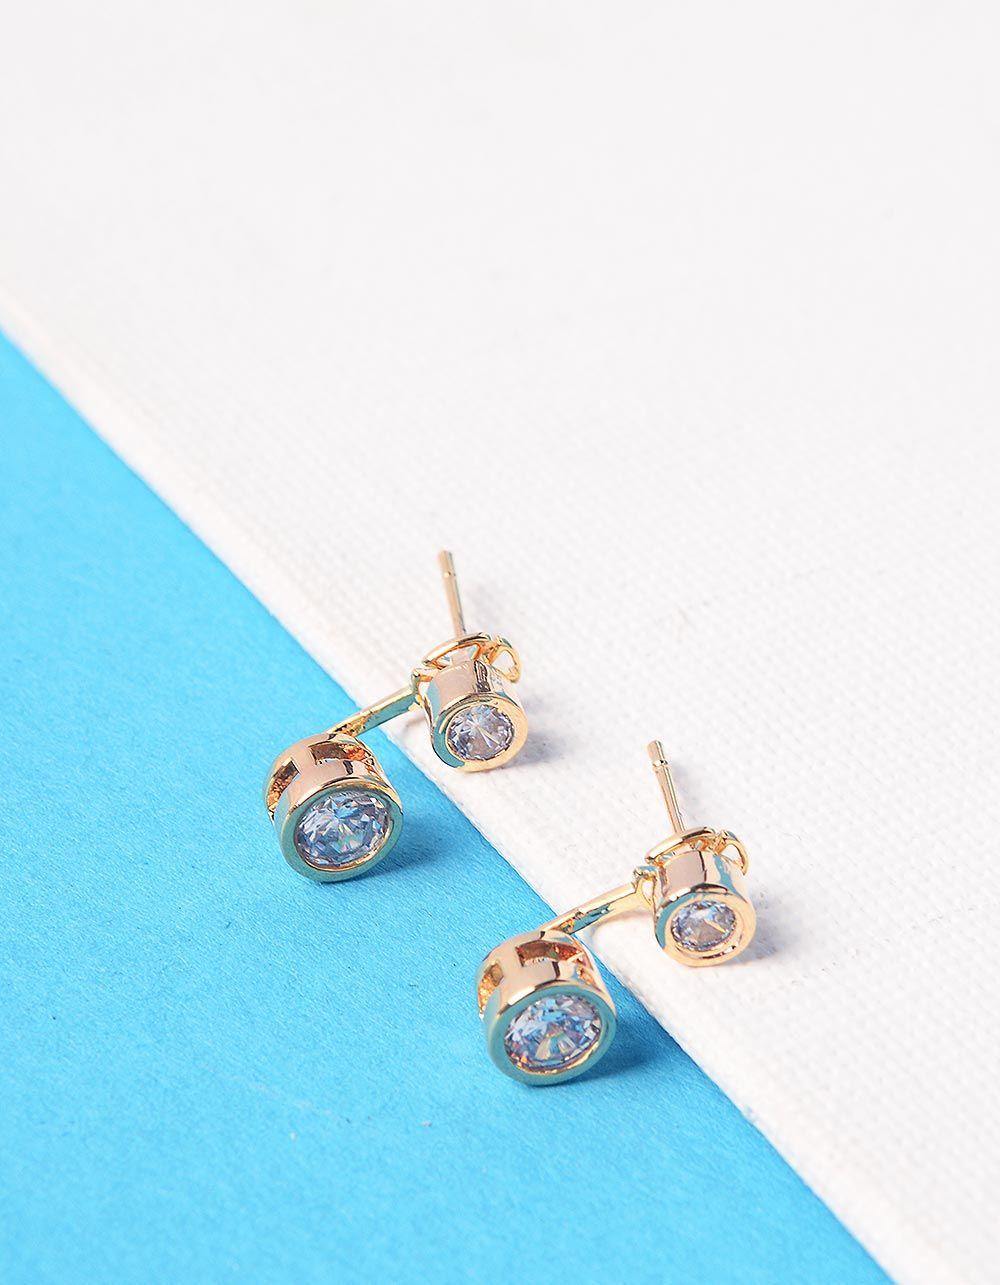 Сережки двосторонні з кристалами | 228417-08-XX